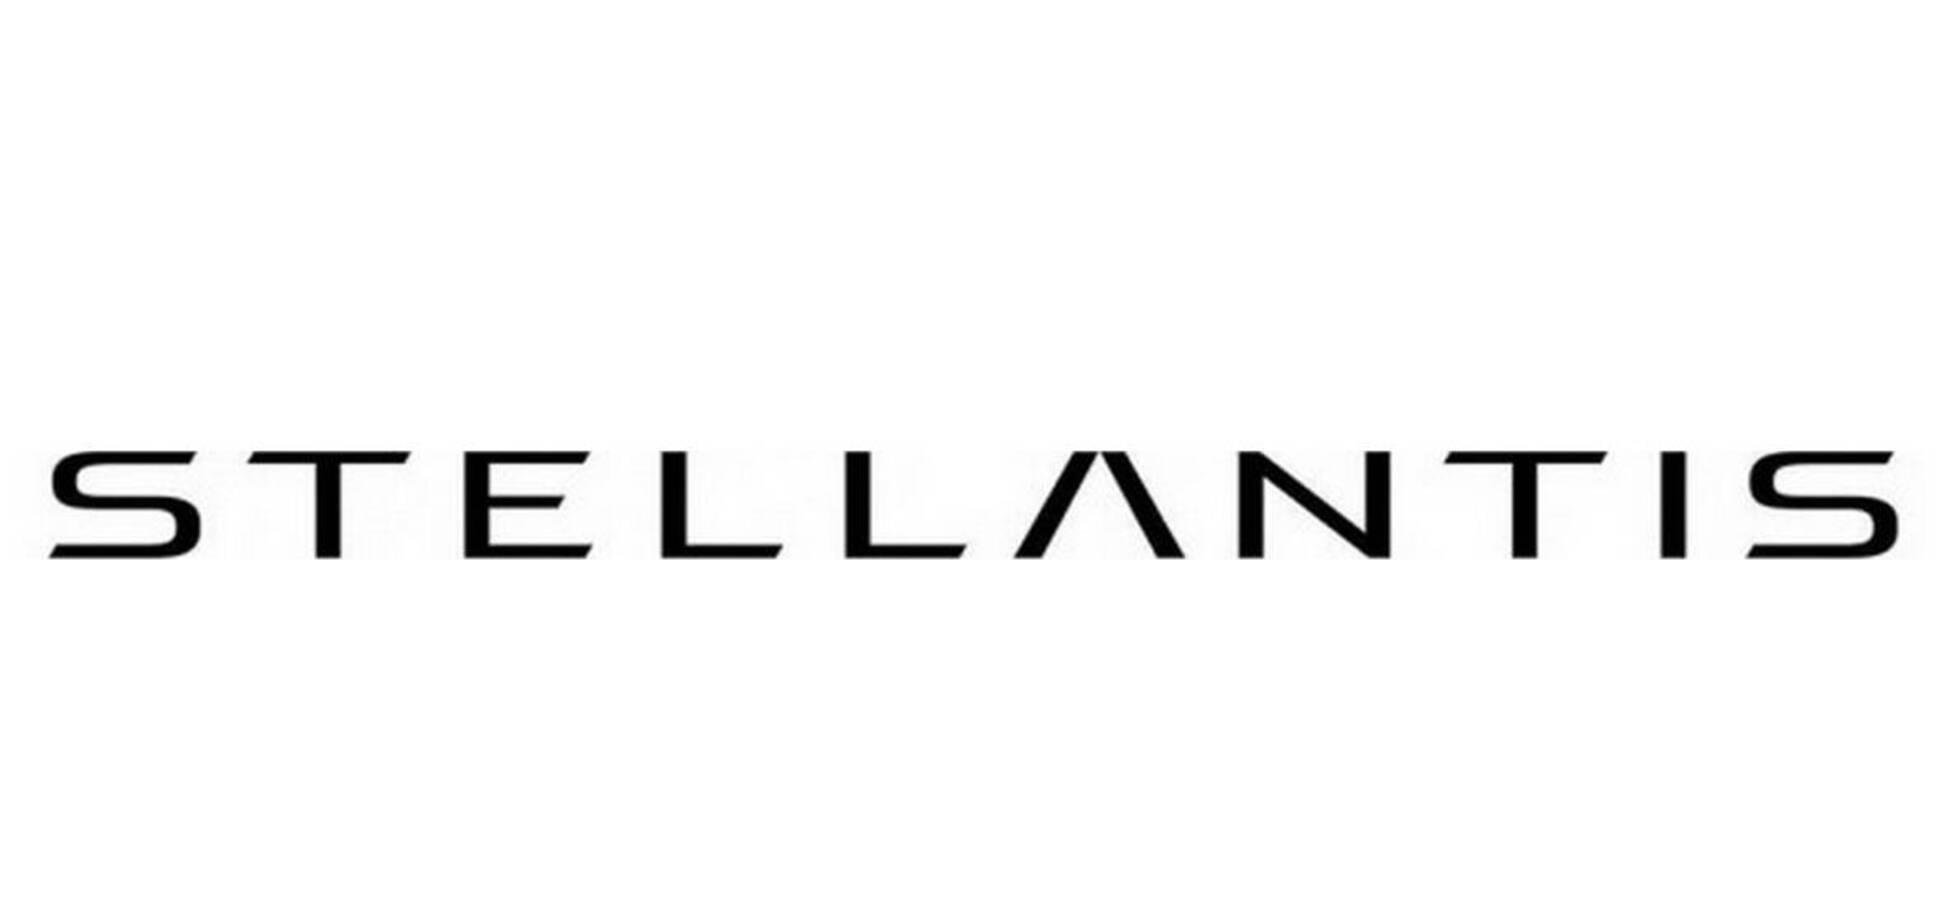 В мире появился новый автомобильный концерн Stellantis